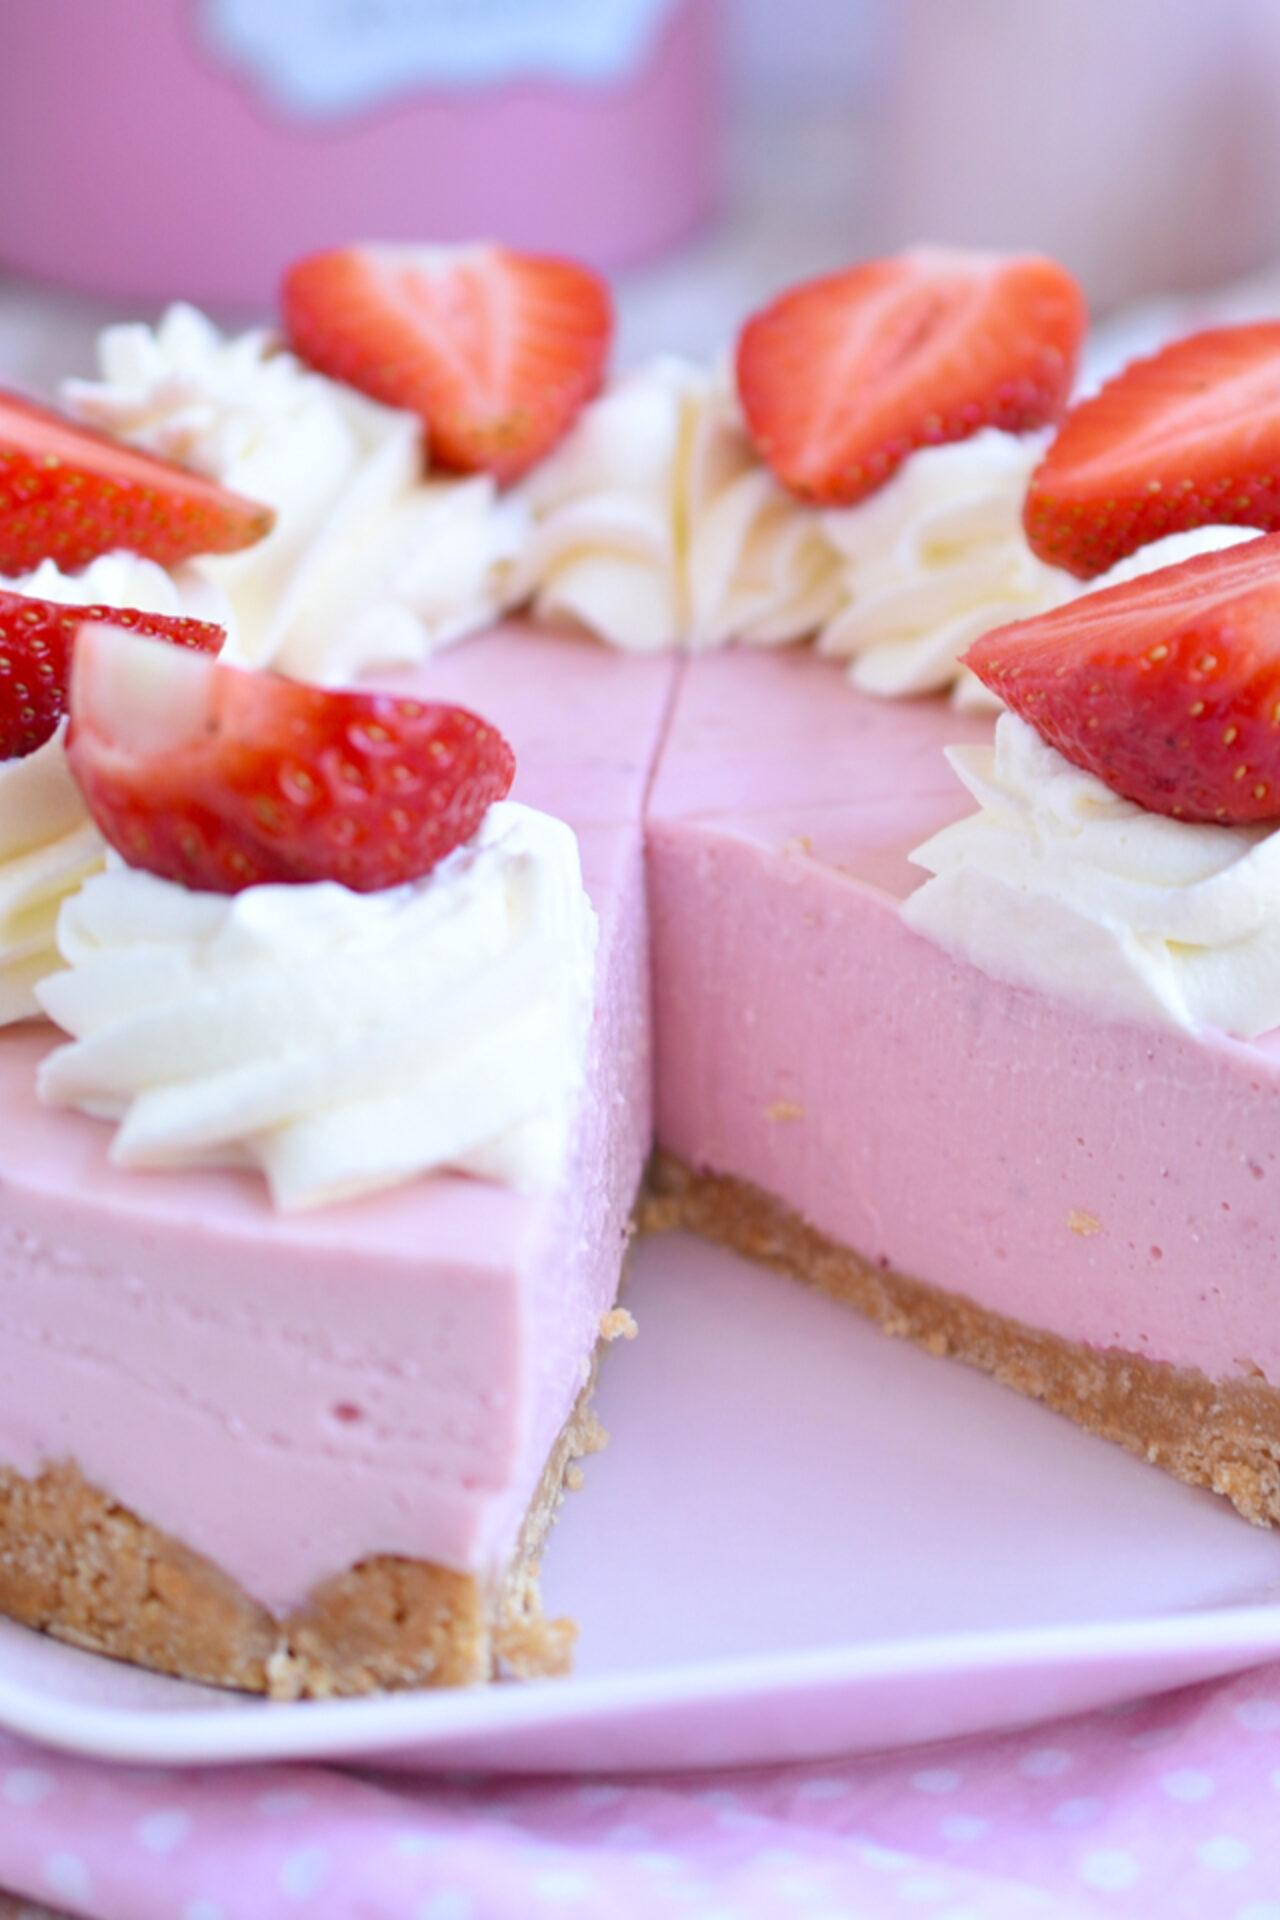 Receta fácil de cheesecake de fresas, sin horno